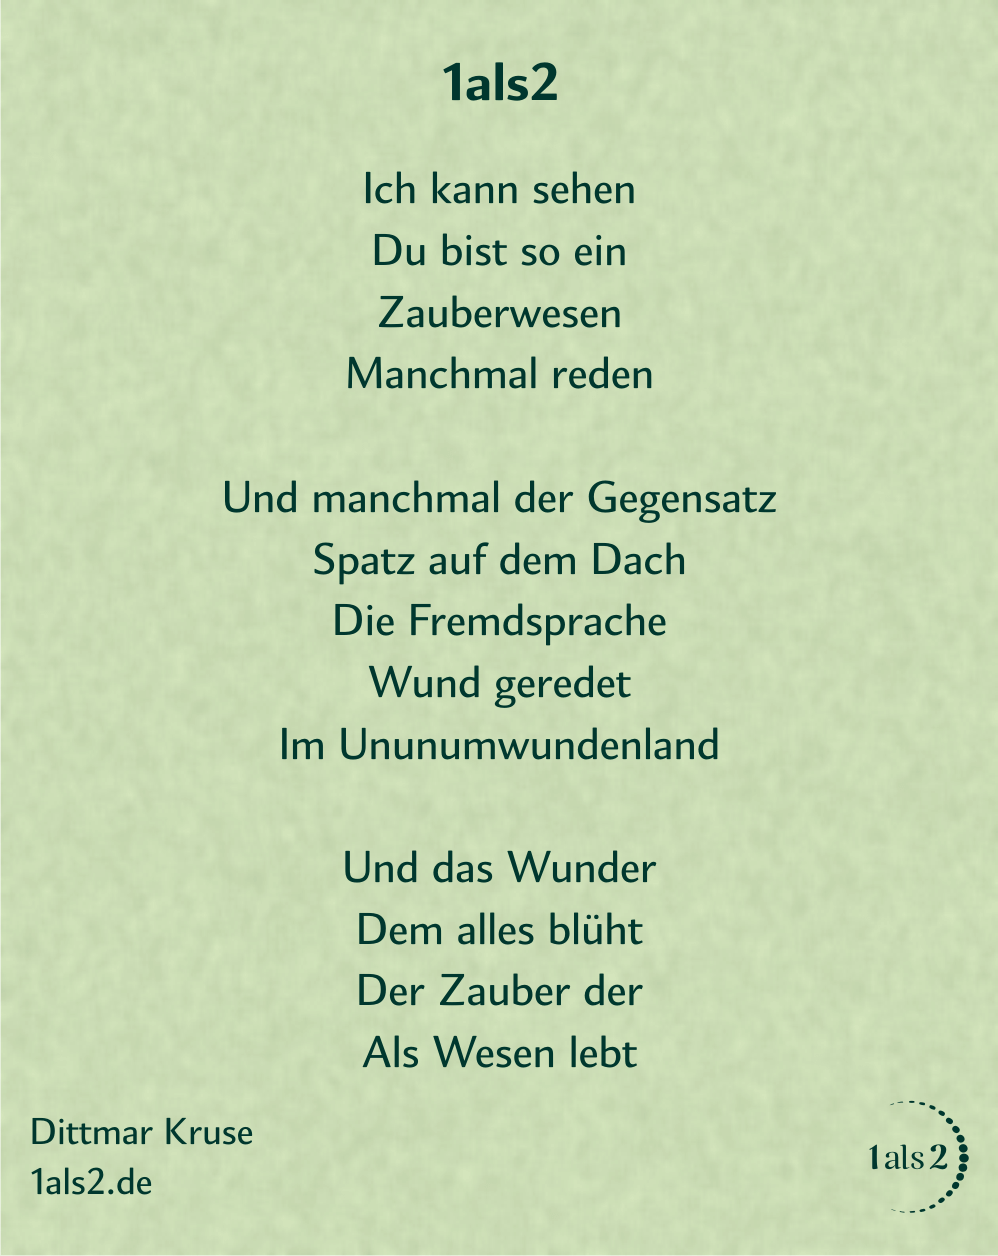 Nondualität | Gedichte: 1als2